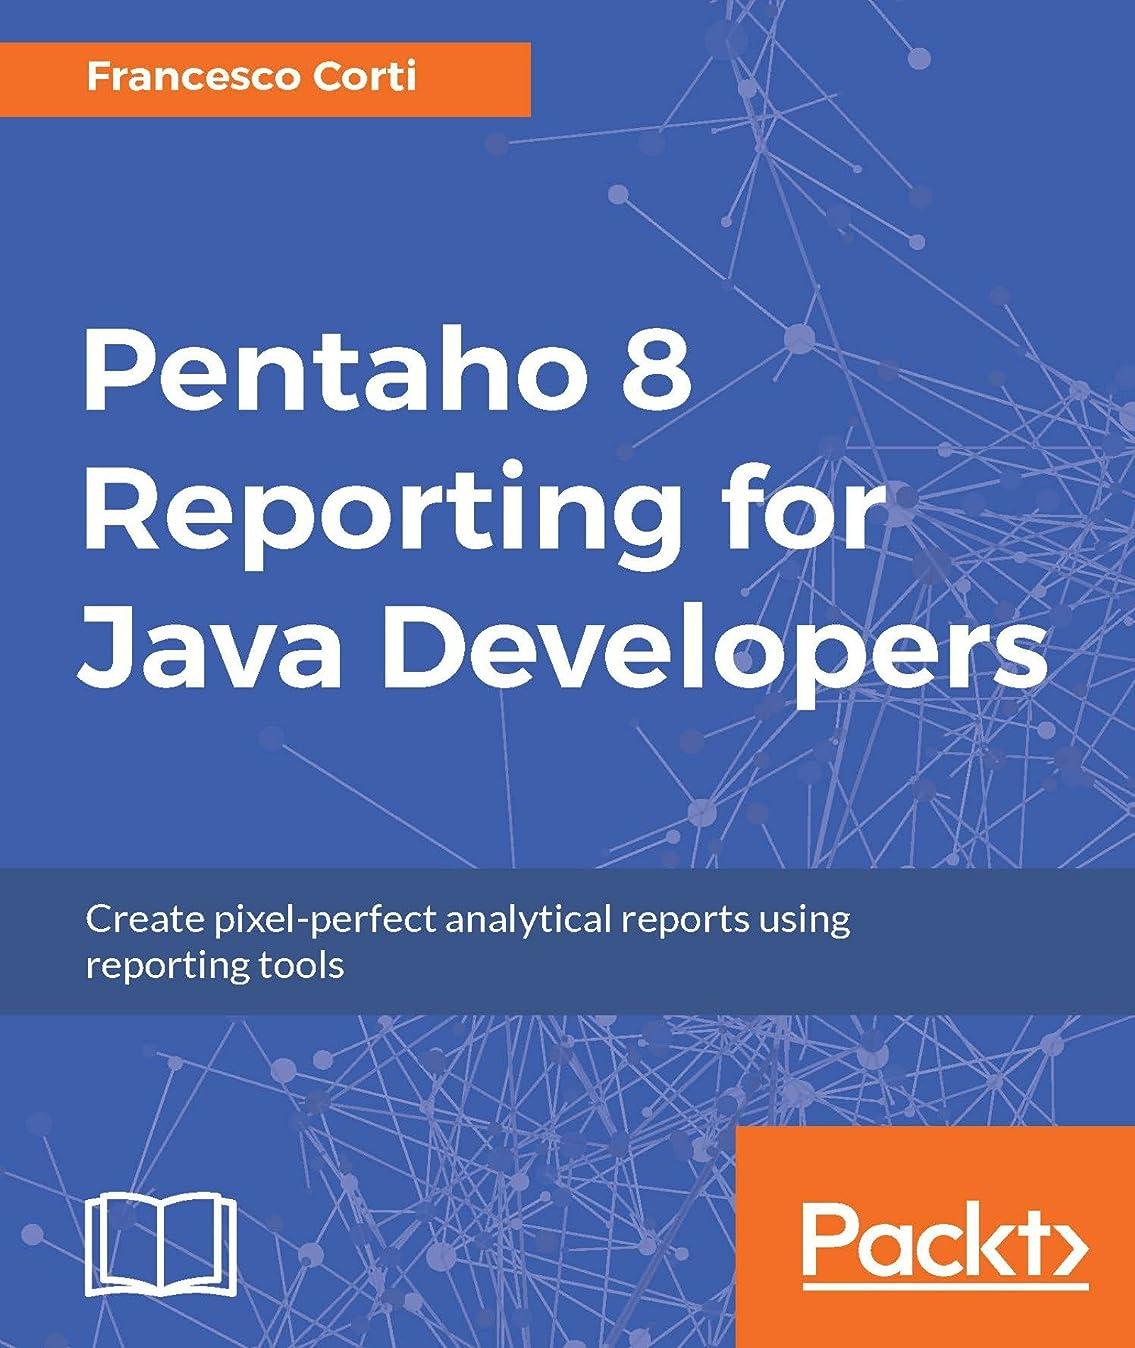 見分ける子猫コーンPentaho 8 Reporting for Java Developers: Create pixelperfect analytical reports using reporting tools (English Edition)